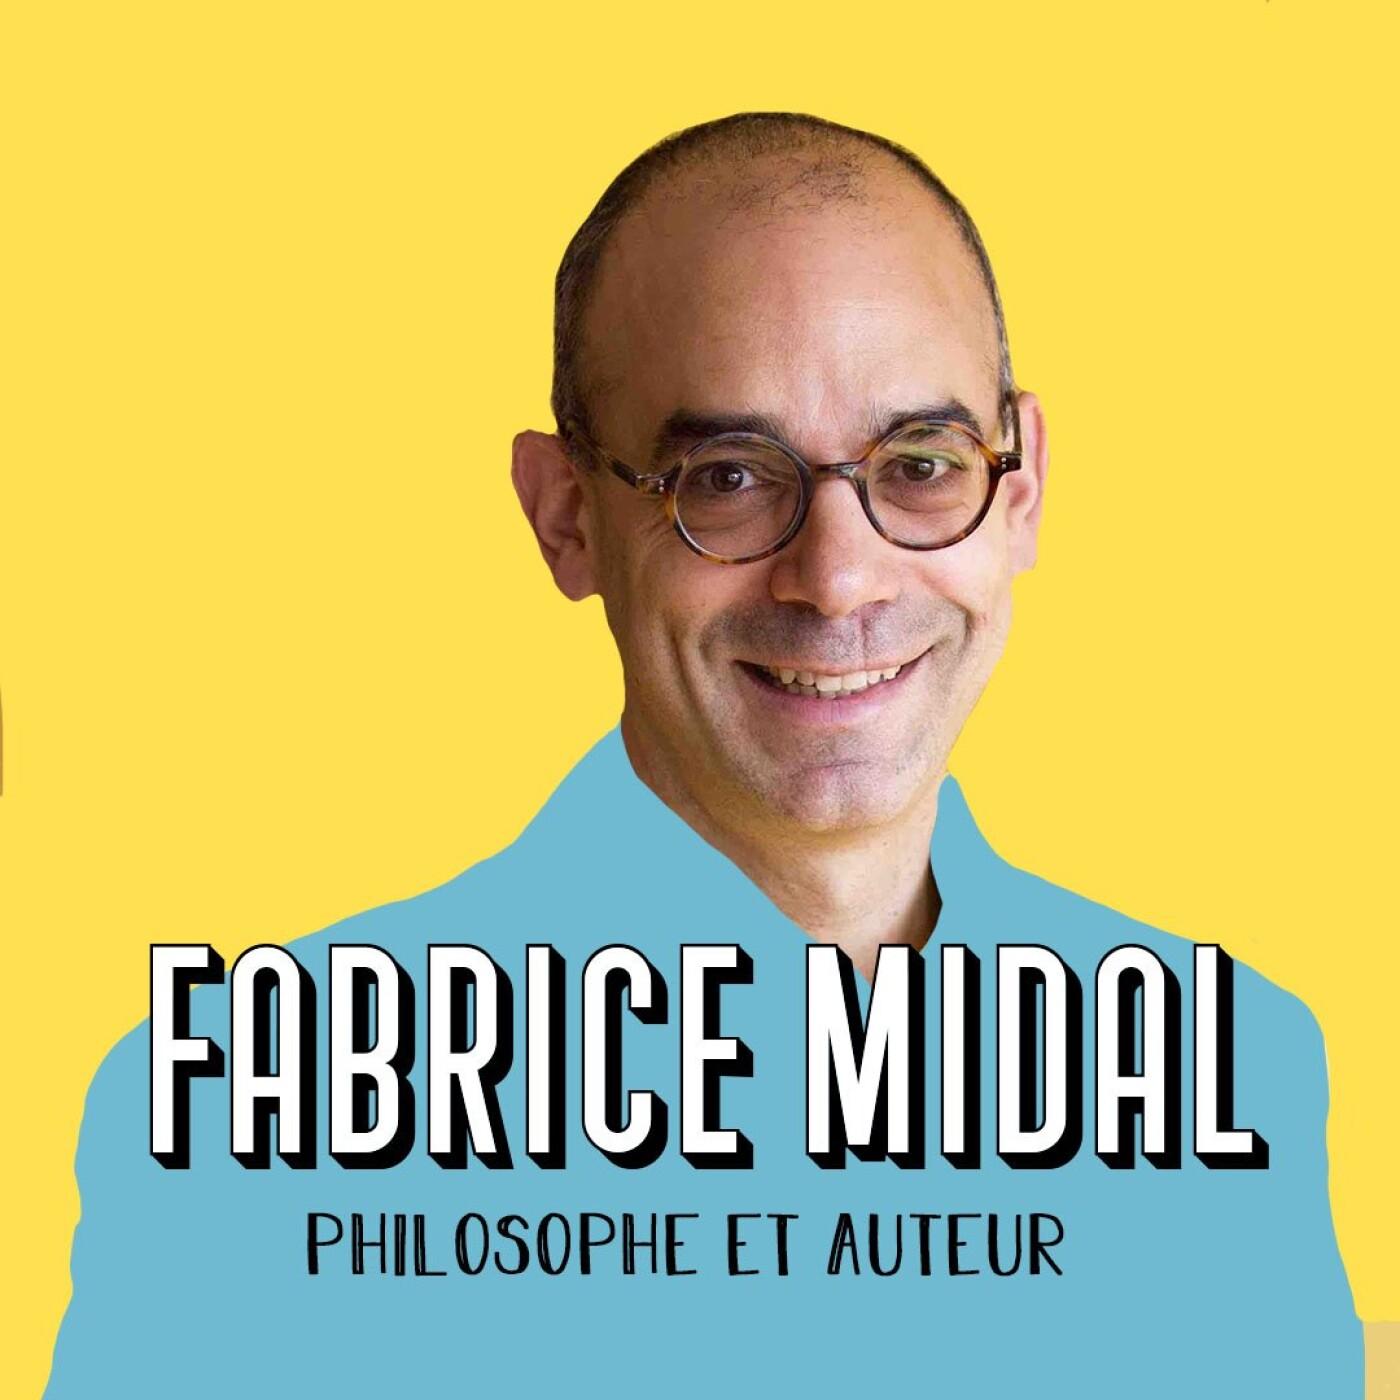 Fabrice Midal, auteur et philosophe - L'art de s'en foutre